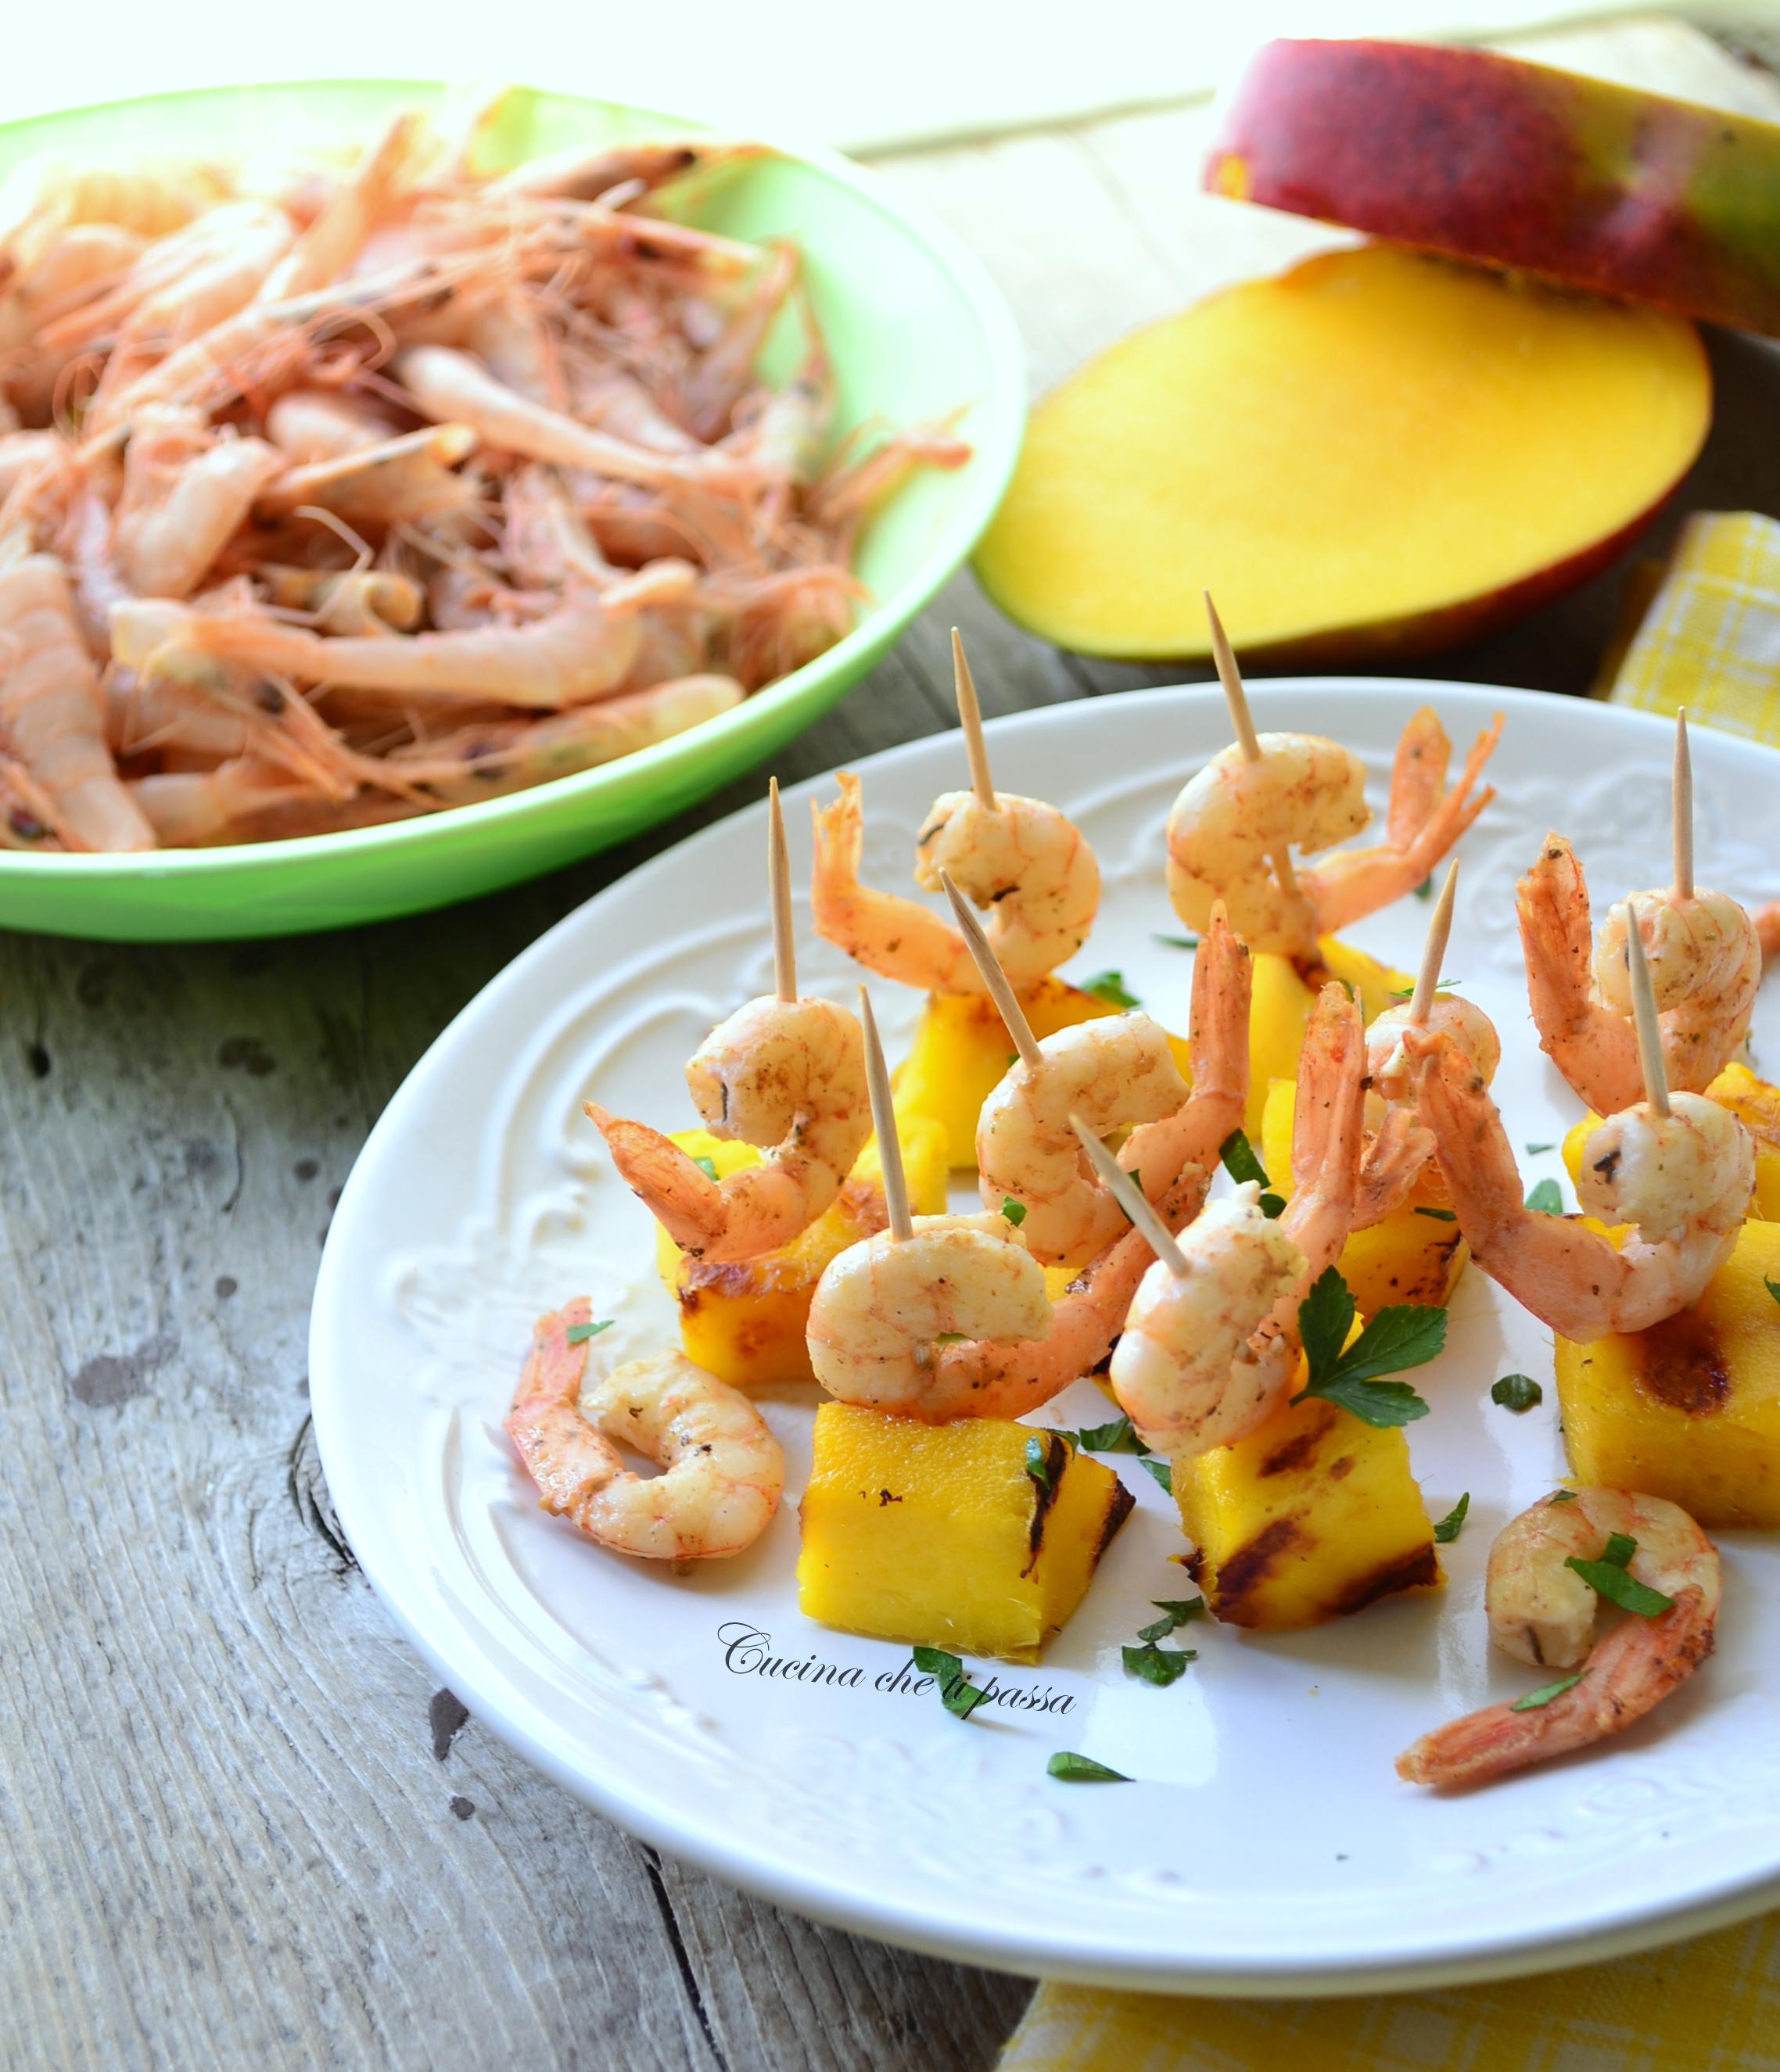 Antipasto con mango e gamberetti cucina che ti passa for Cucina antipasti